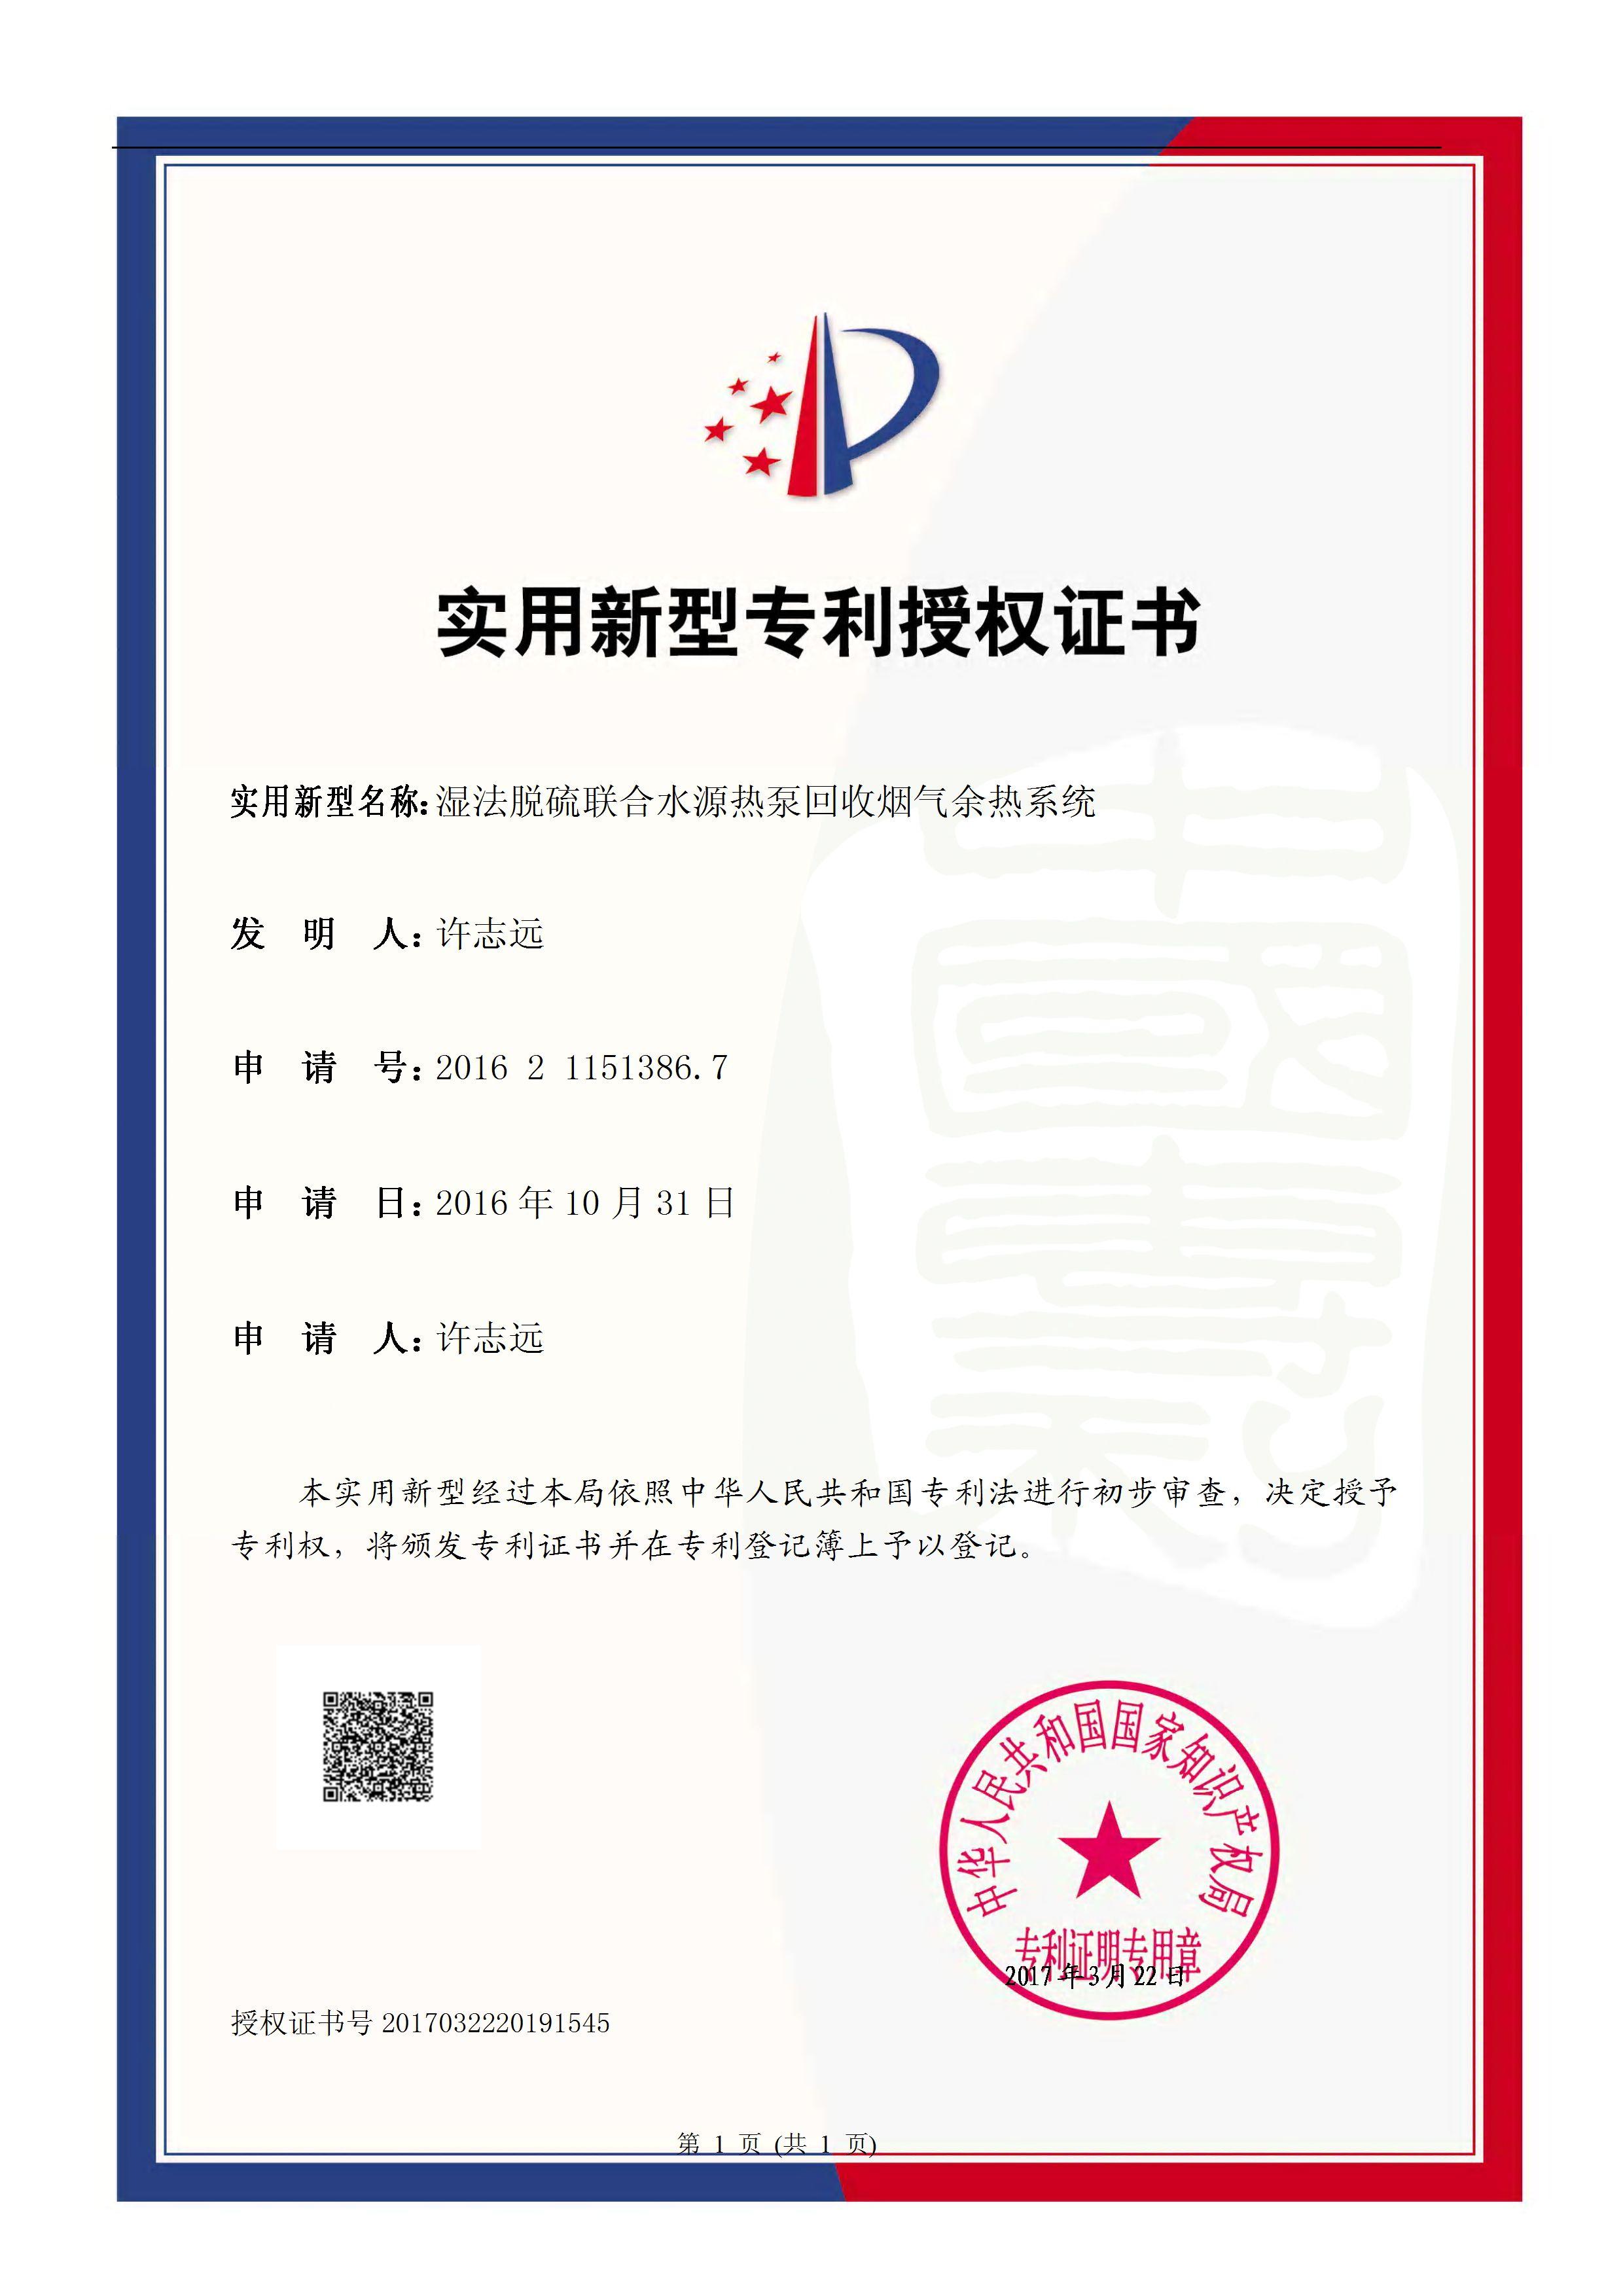 湿法脱硫联合水源热泵回收烟气余热系统(公开号:CN206103655U)